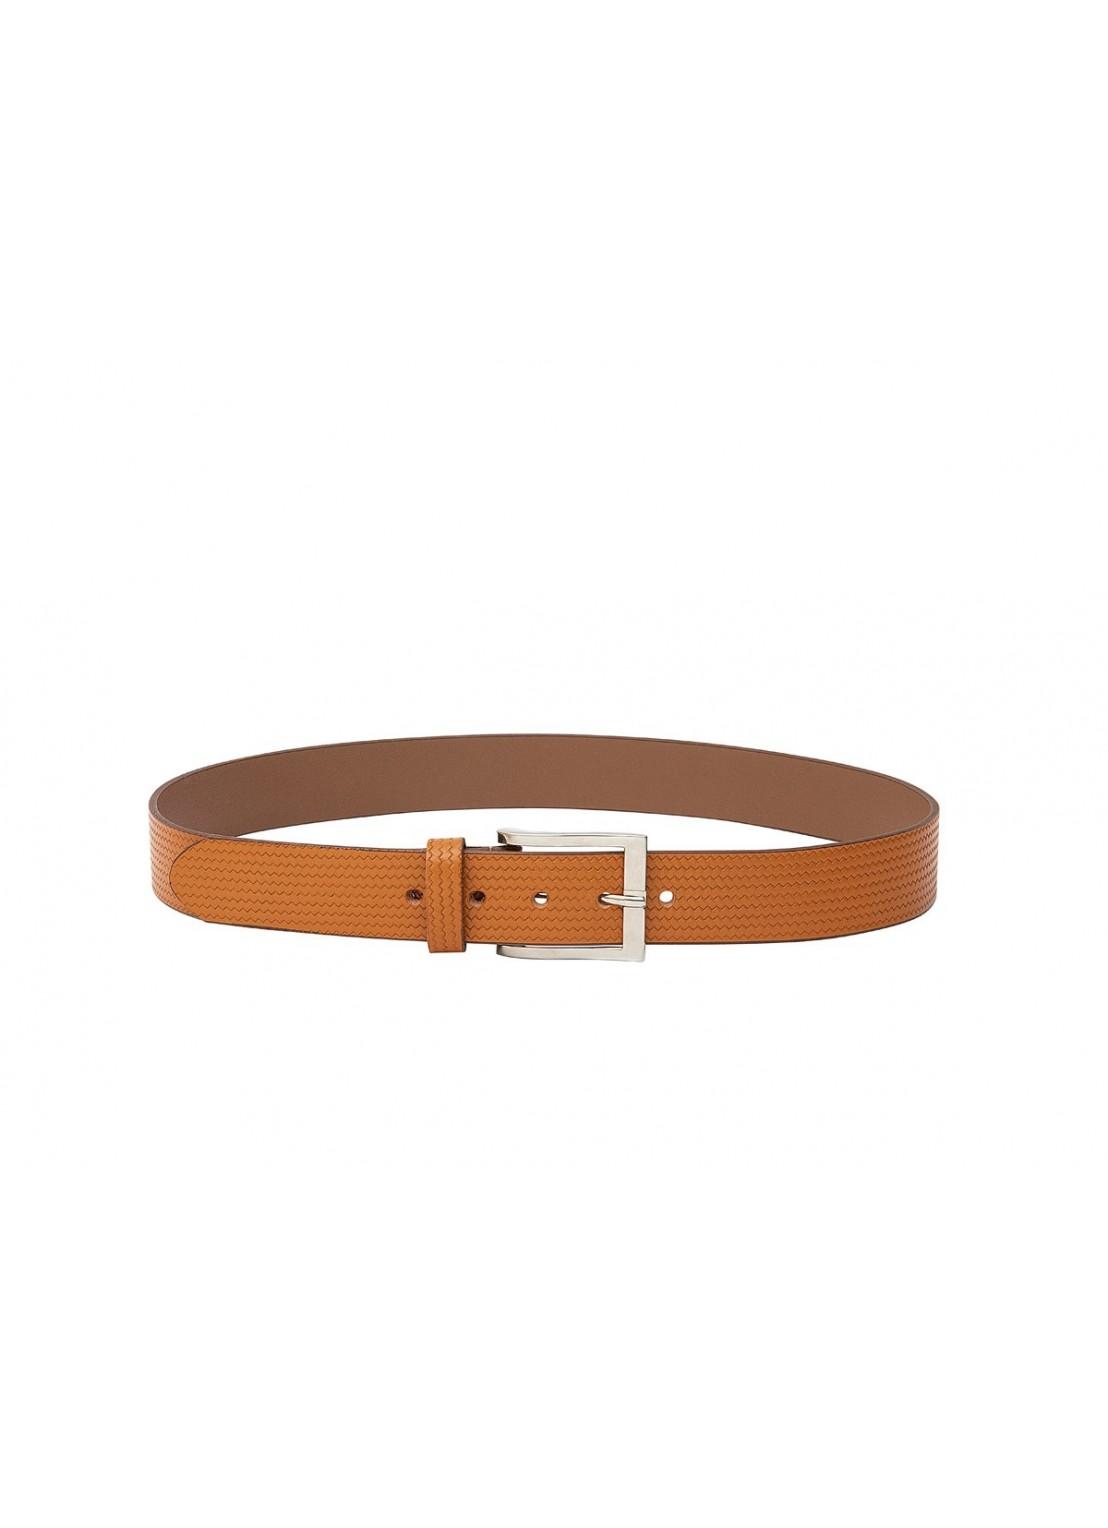 Cinturón-delgado miel